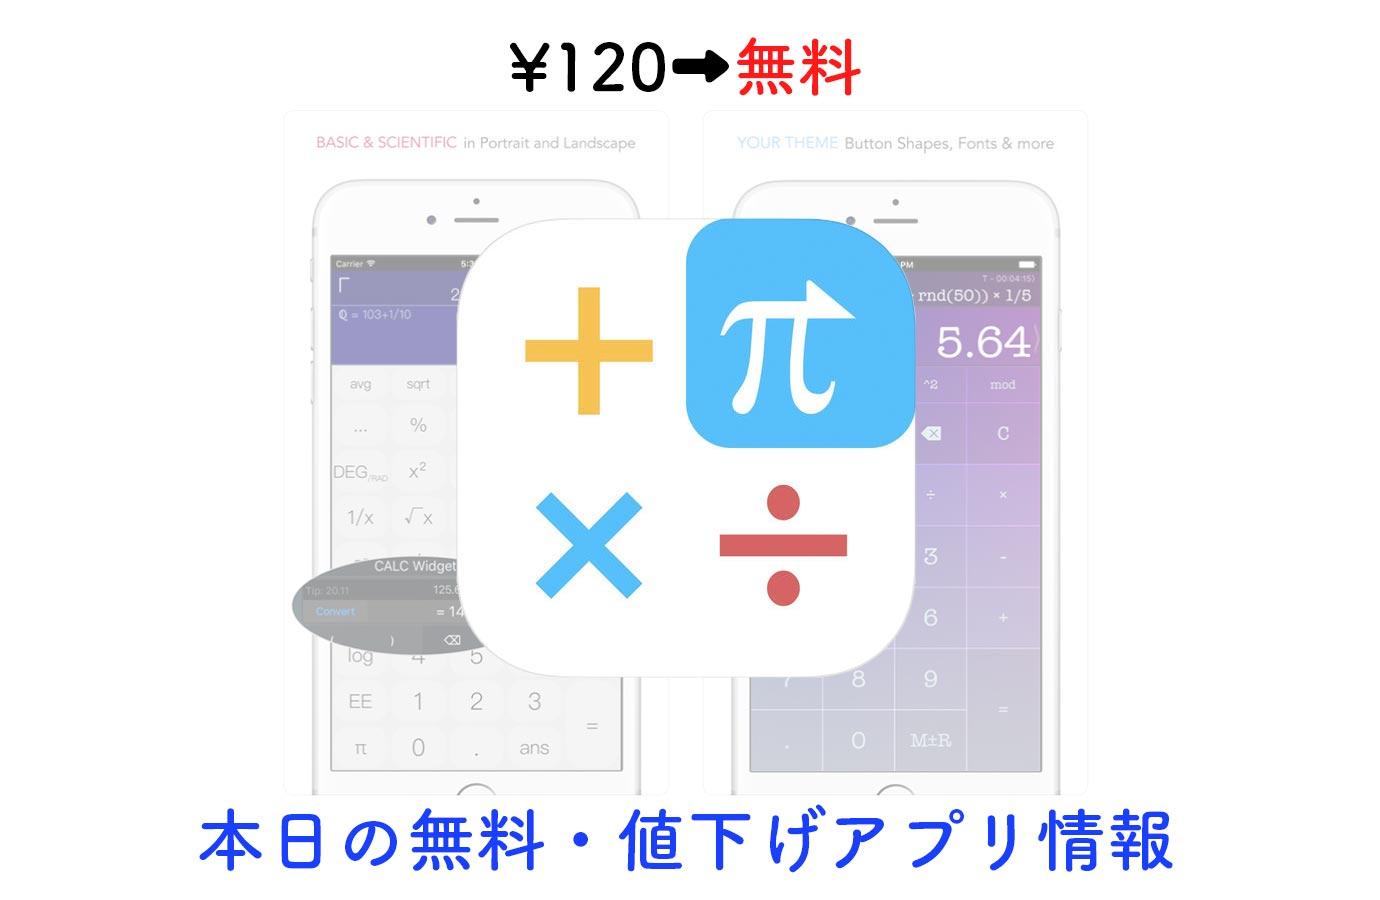 ¥120→無料、計算履歴機能もついた電卓アプリ「CALC Swift」など【2/26】本日の無料・値下げアプリ情報